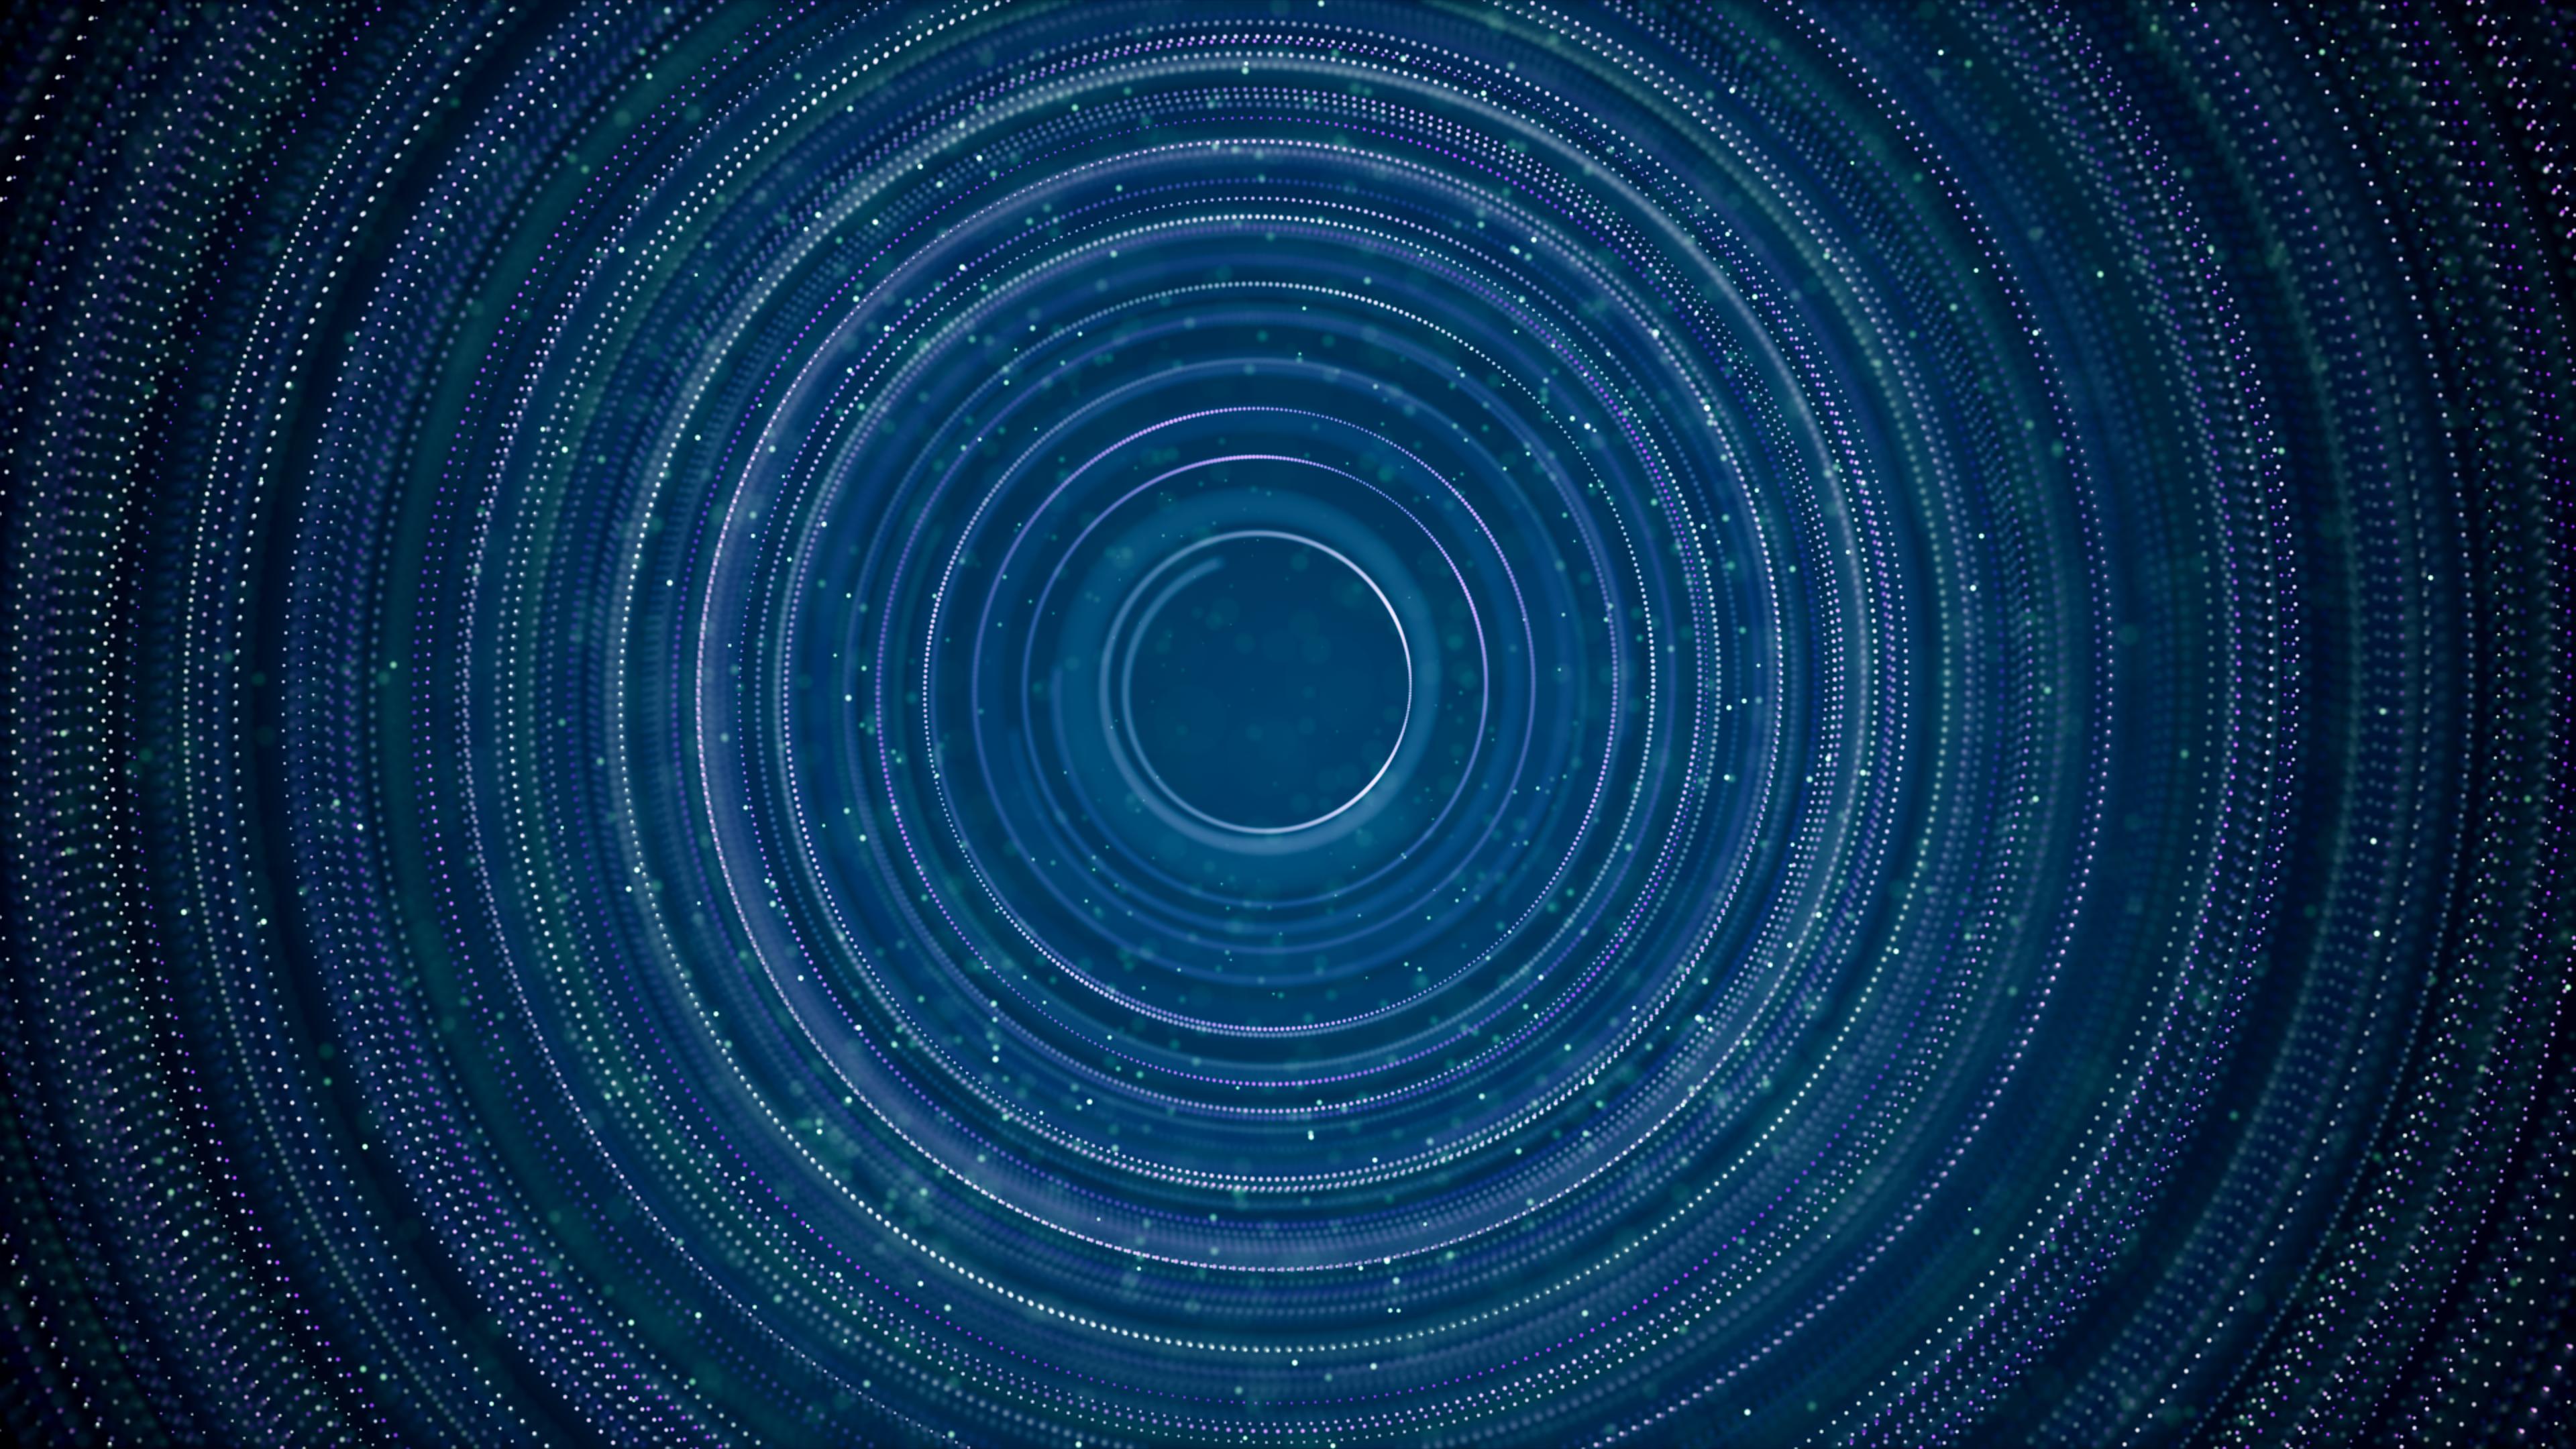 50+ Best Ultra HD Wallpapers